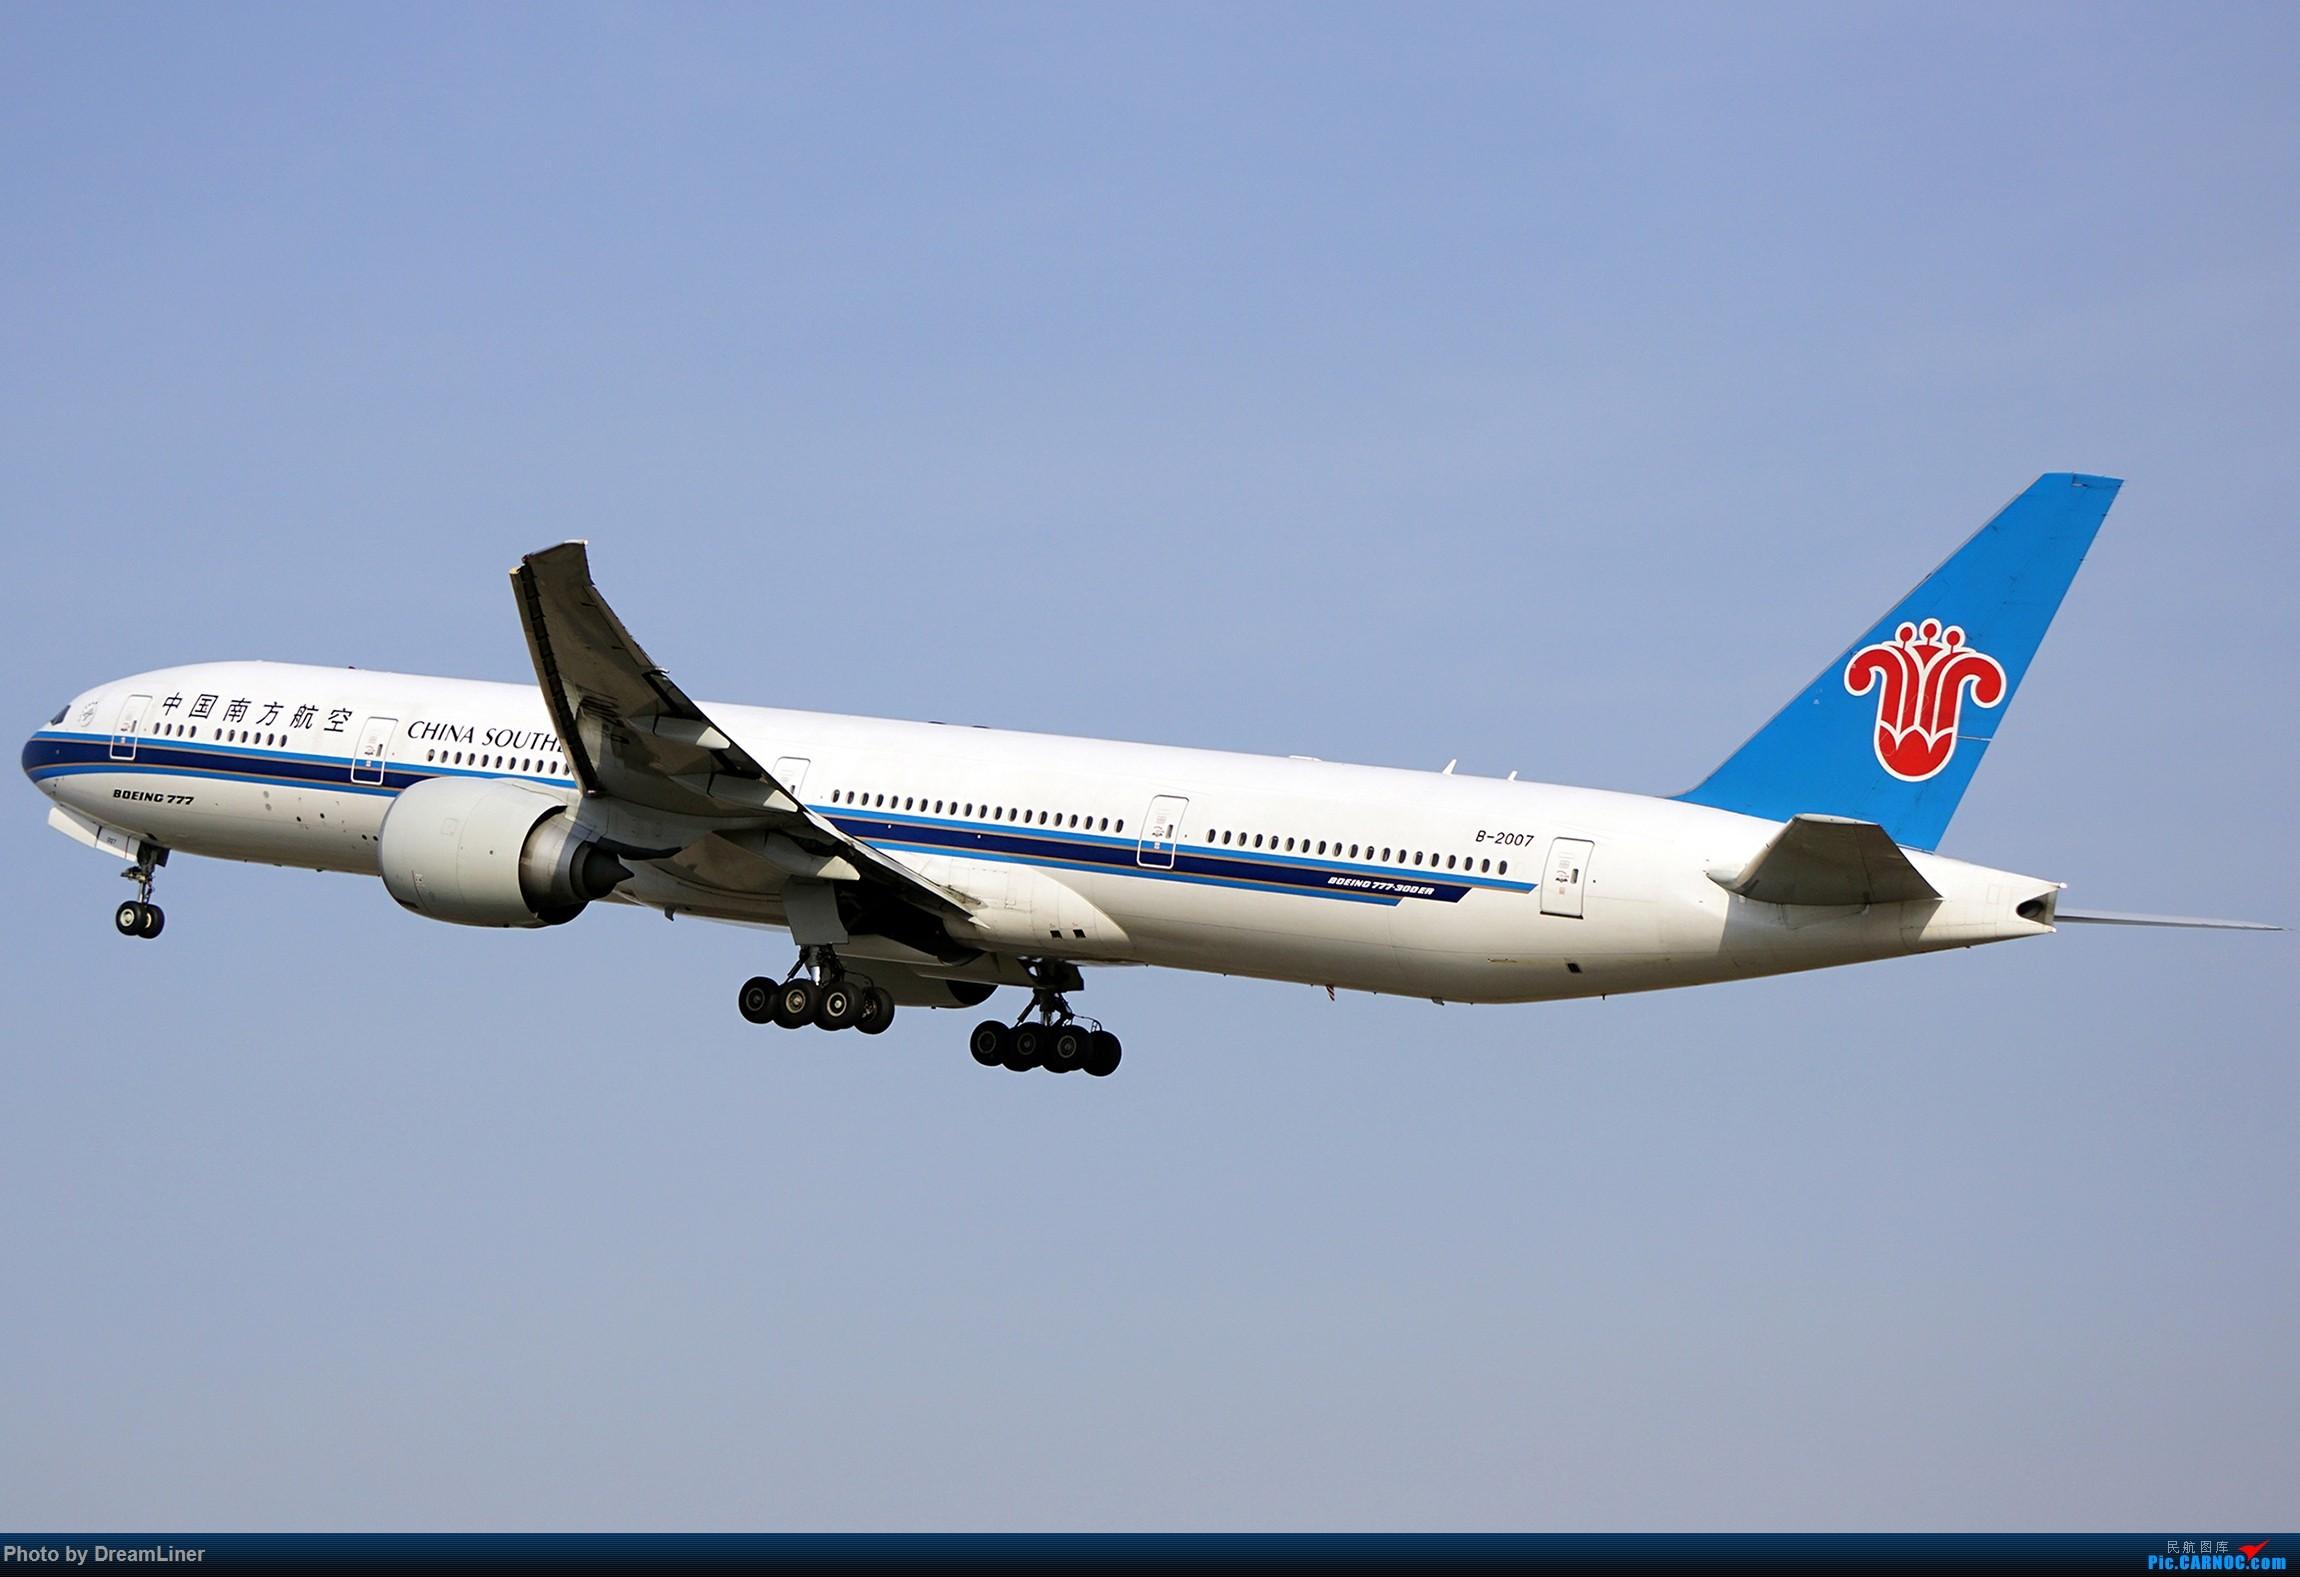 Re:[原创]17年暑假和今年寒假的ZGGG拍机成果 BOEING 777-300ER B-2007 中国广州白云国际机场